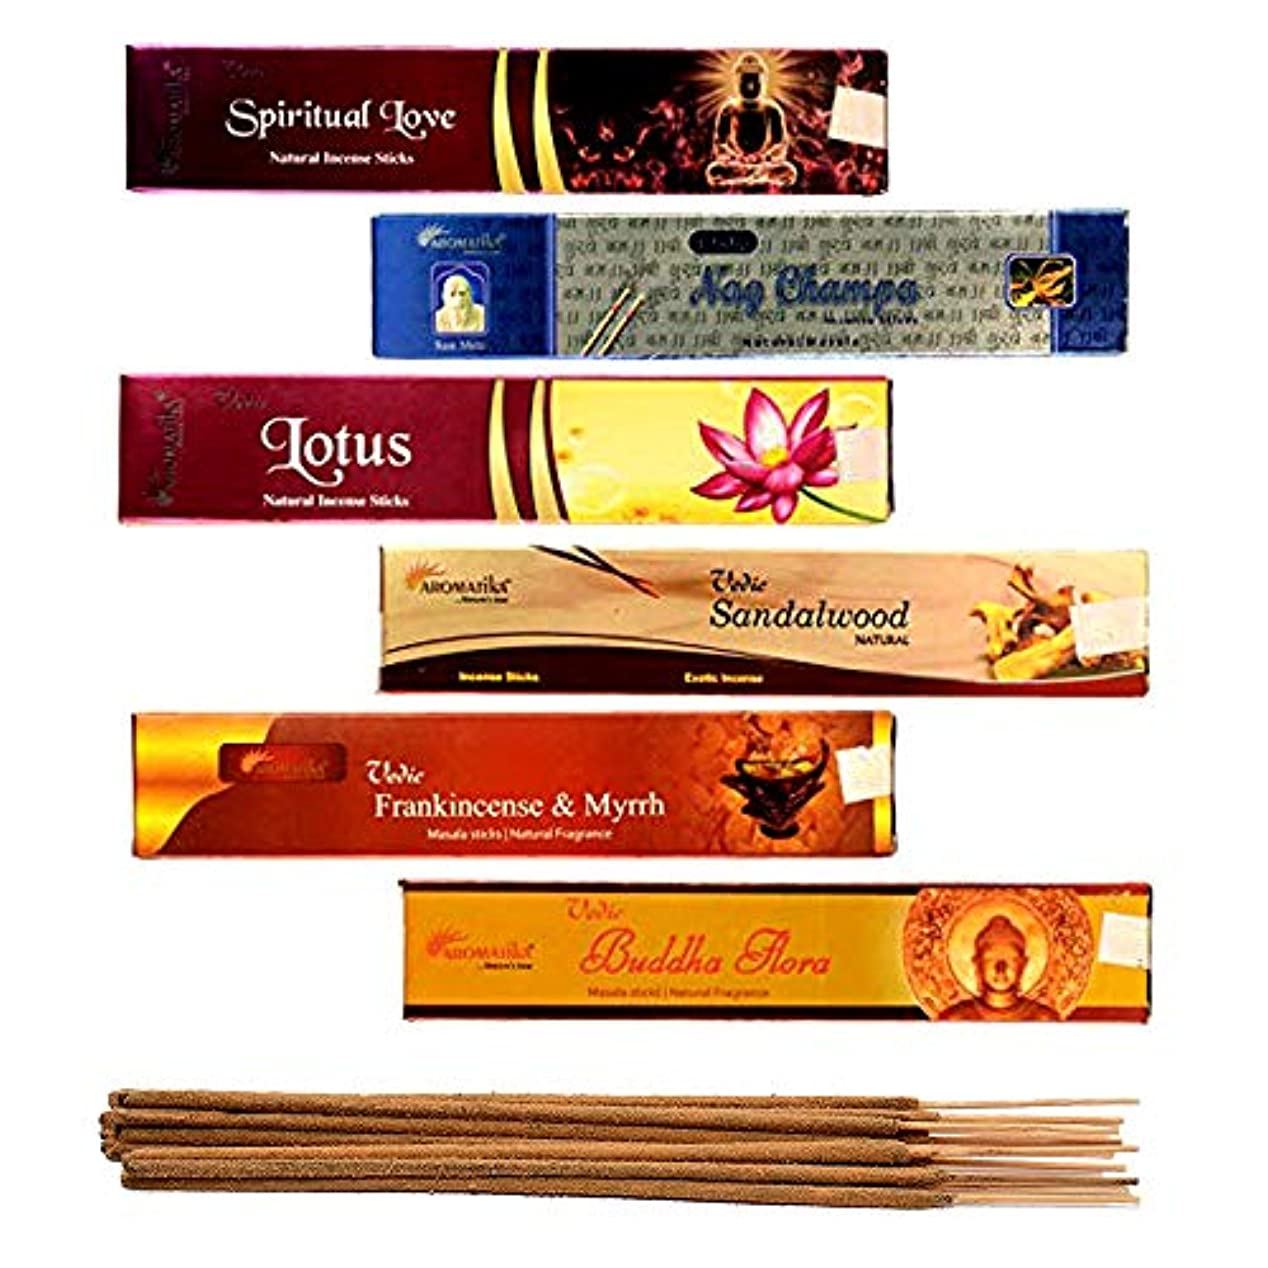 無関心血検査aromatika 6 Assorted Masala Incense Sticks Vedic Nag Champa、サンダルウッド、ブッダFlora、ロータス、Frankincense & Myrrh、Spiritual...